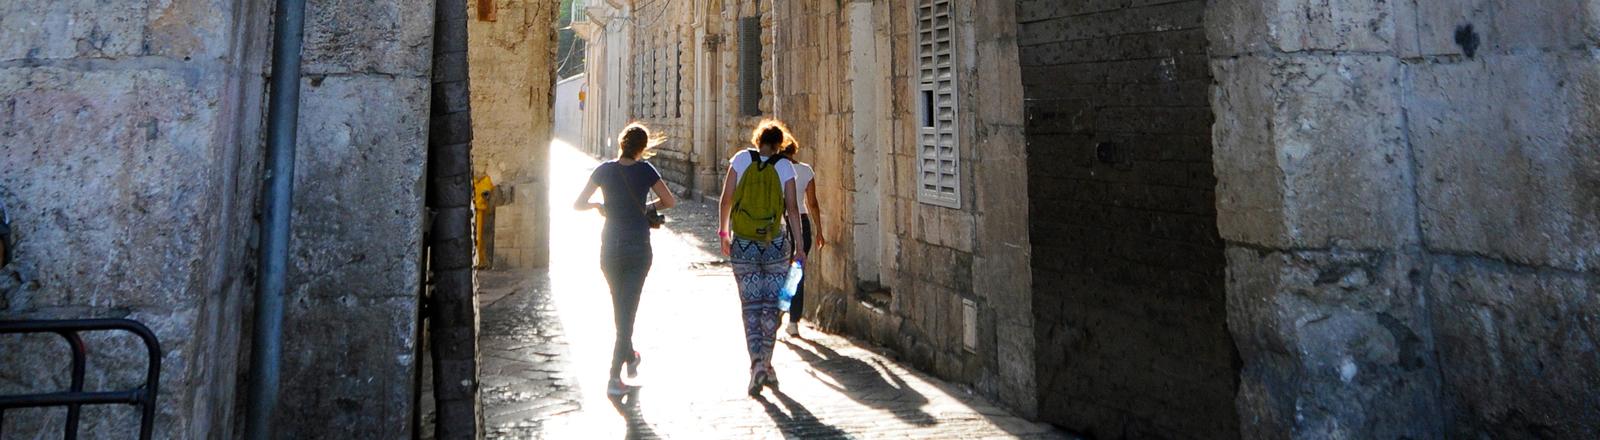 Drei junge Leute laufen im gegenlicht durch ein Stadttor in Jerusalem.